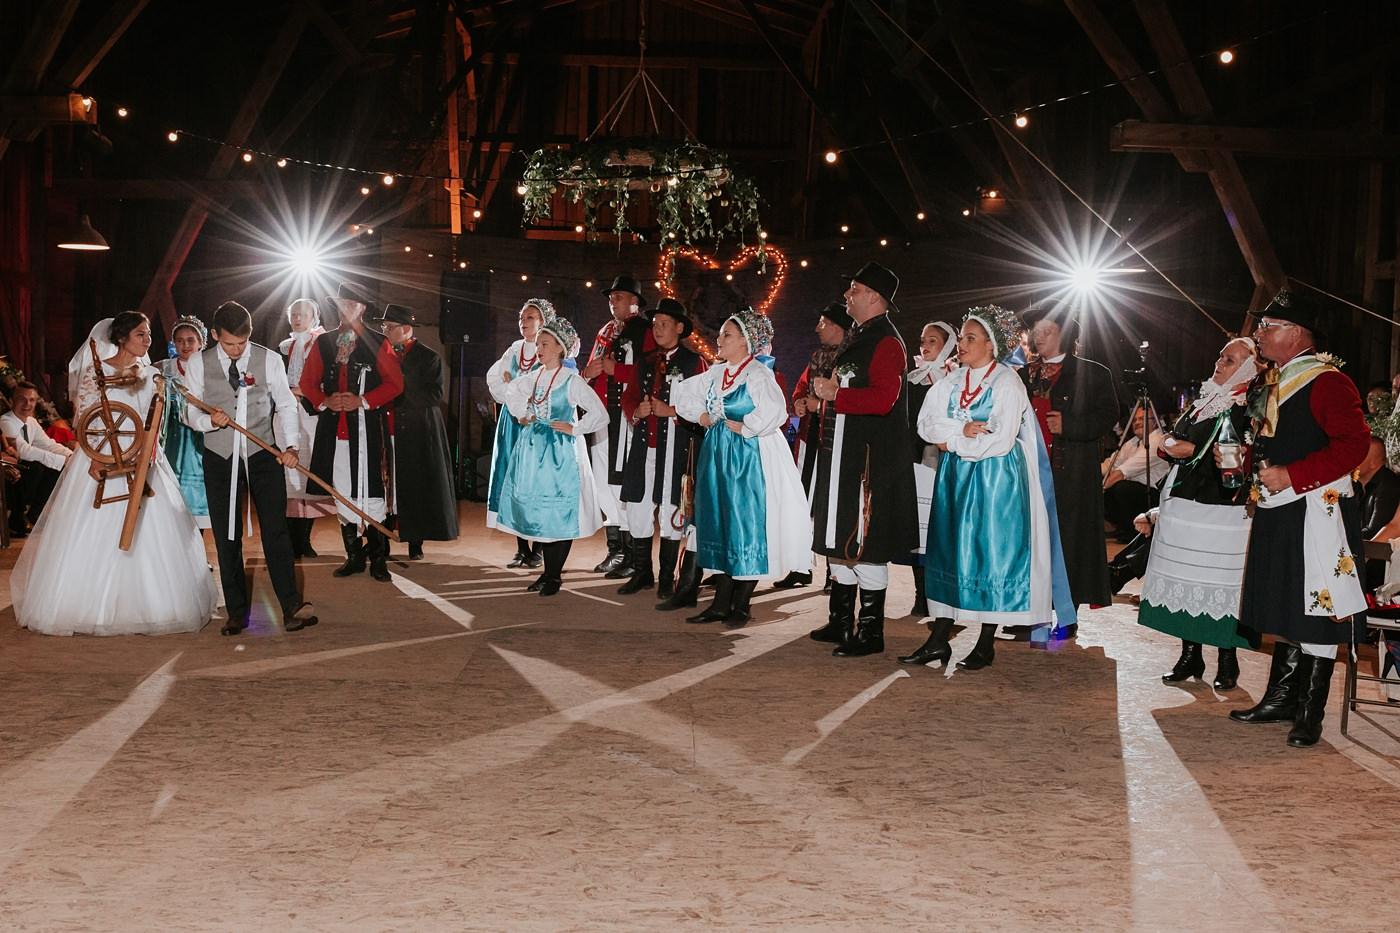 Dominika & Aleksander - Rustykalne wesele w stodole - Baborówko 128